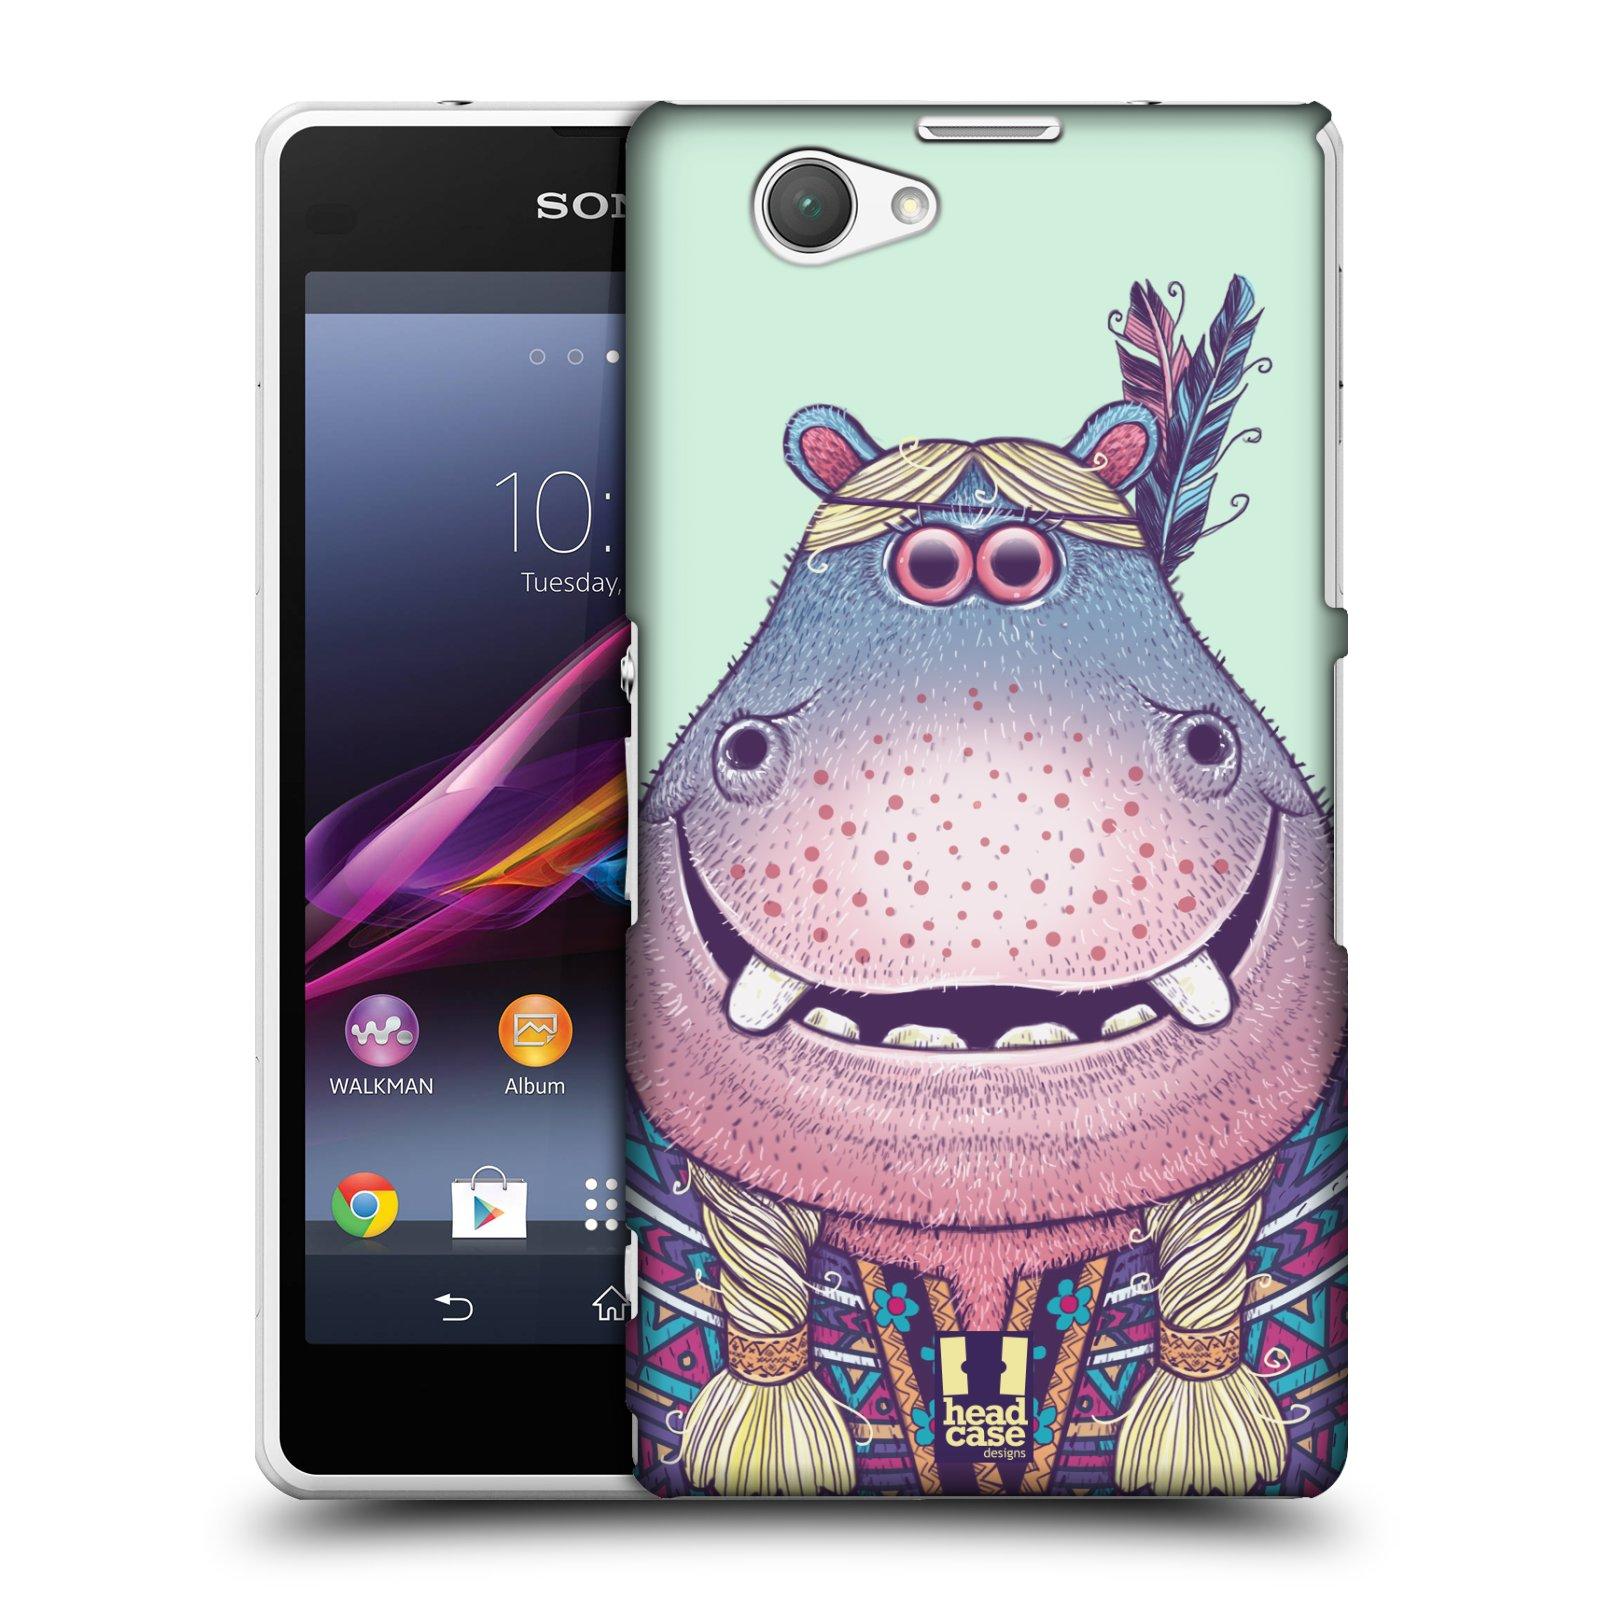 Plastové pouzdro na mobil Sony Xperia Z1 Compact D5503 HEAD CASE ANIMPLA HROŠICE